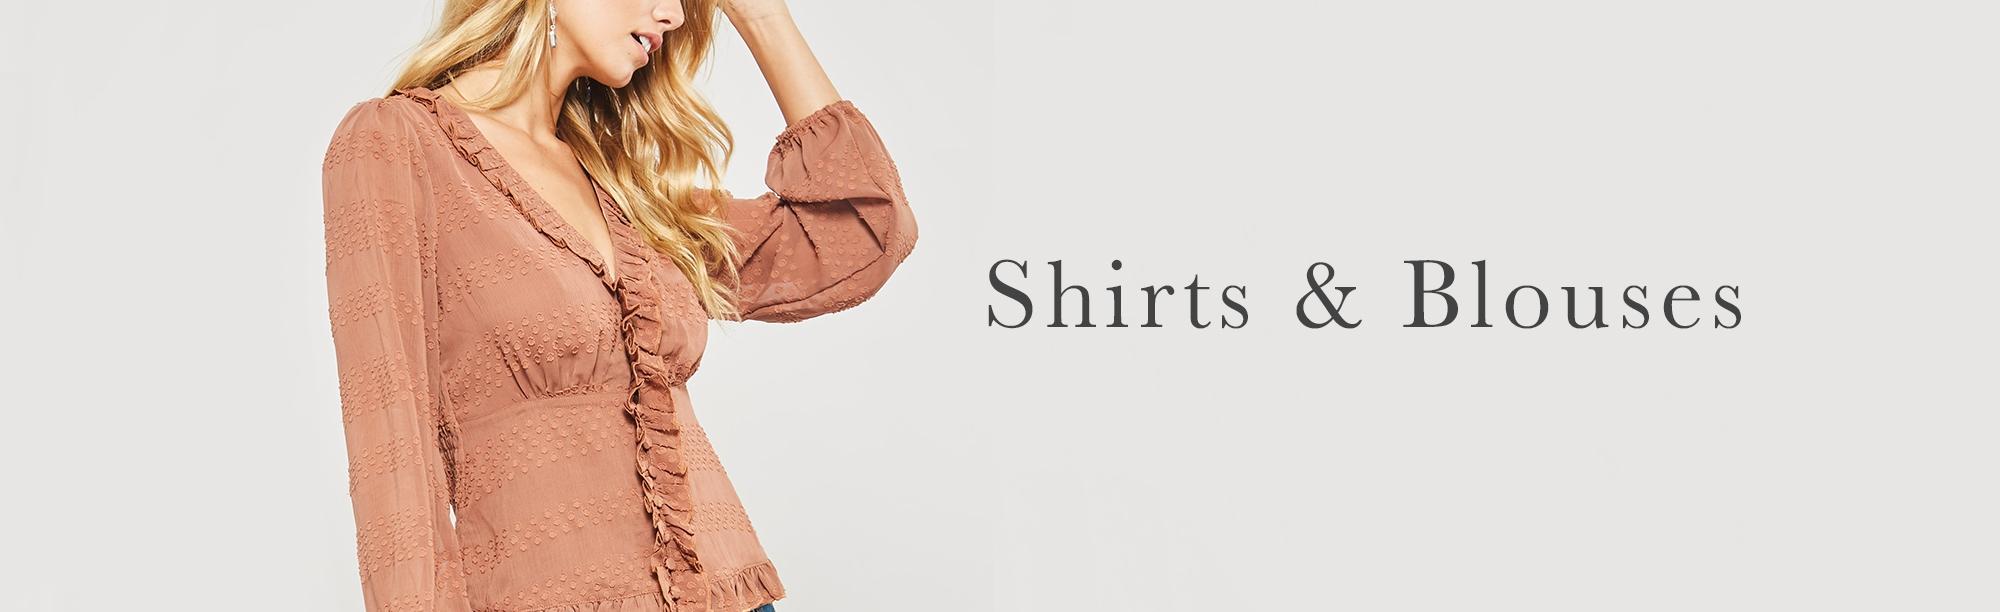 Shirts & Blouse